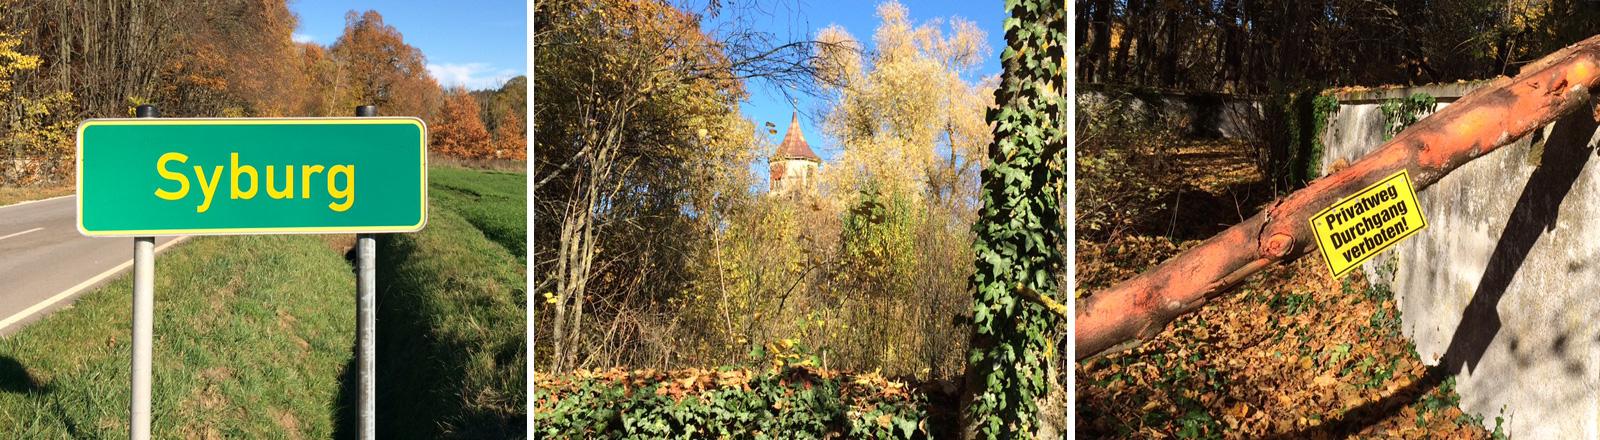 Bilder aus Syburg